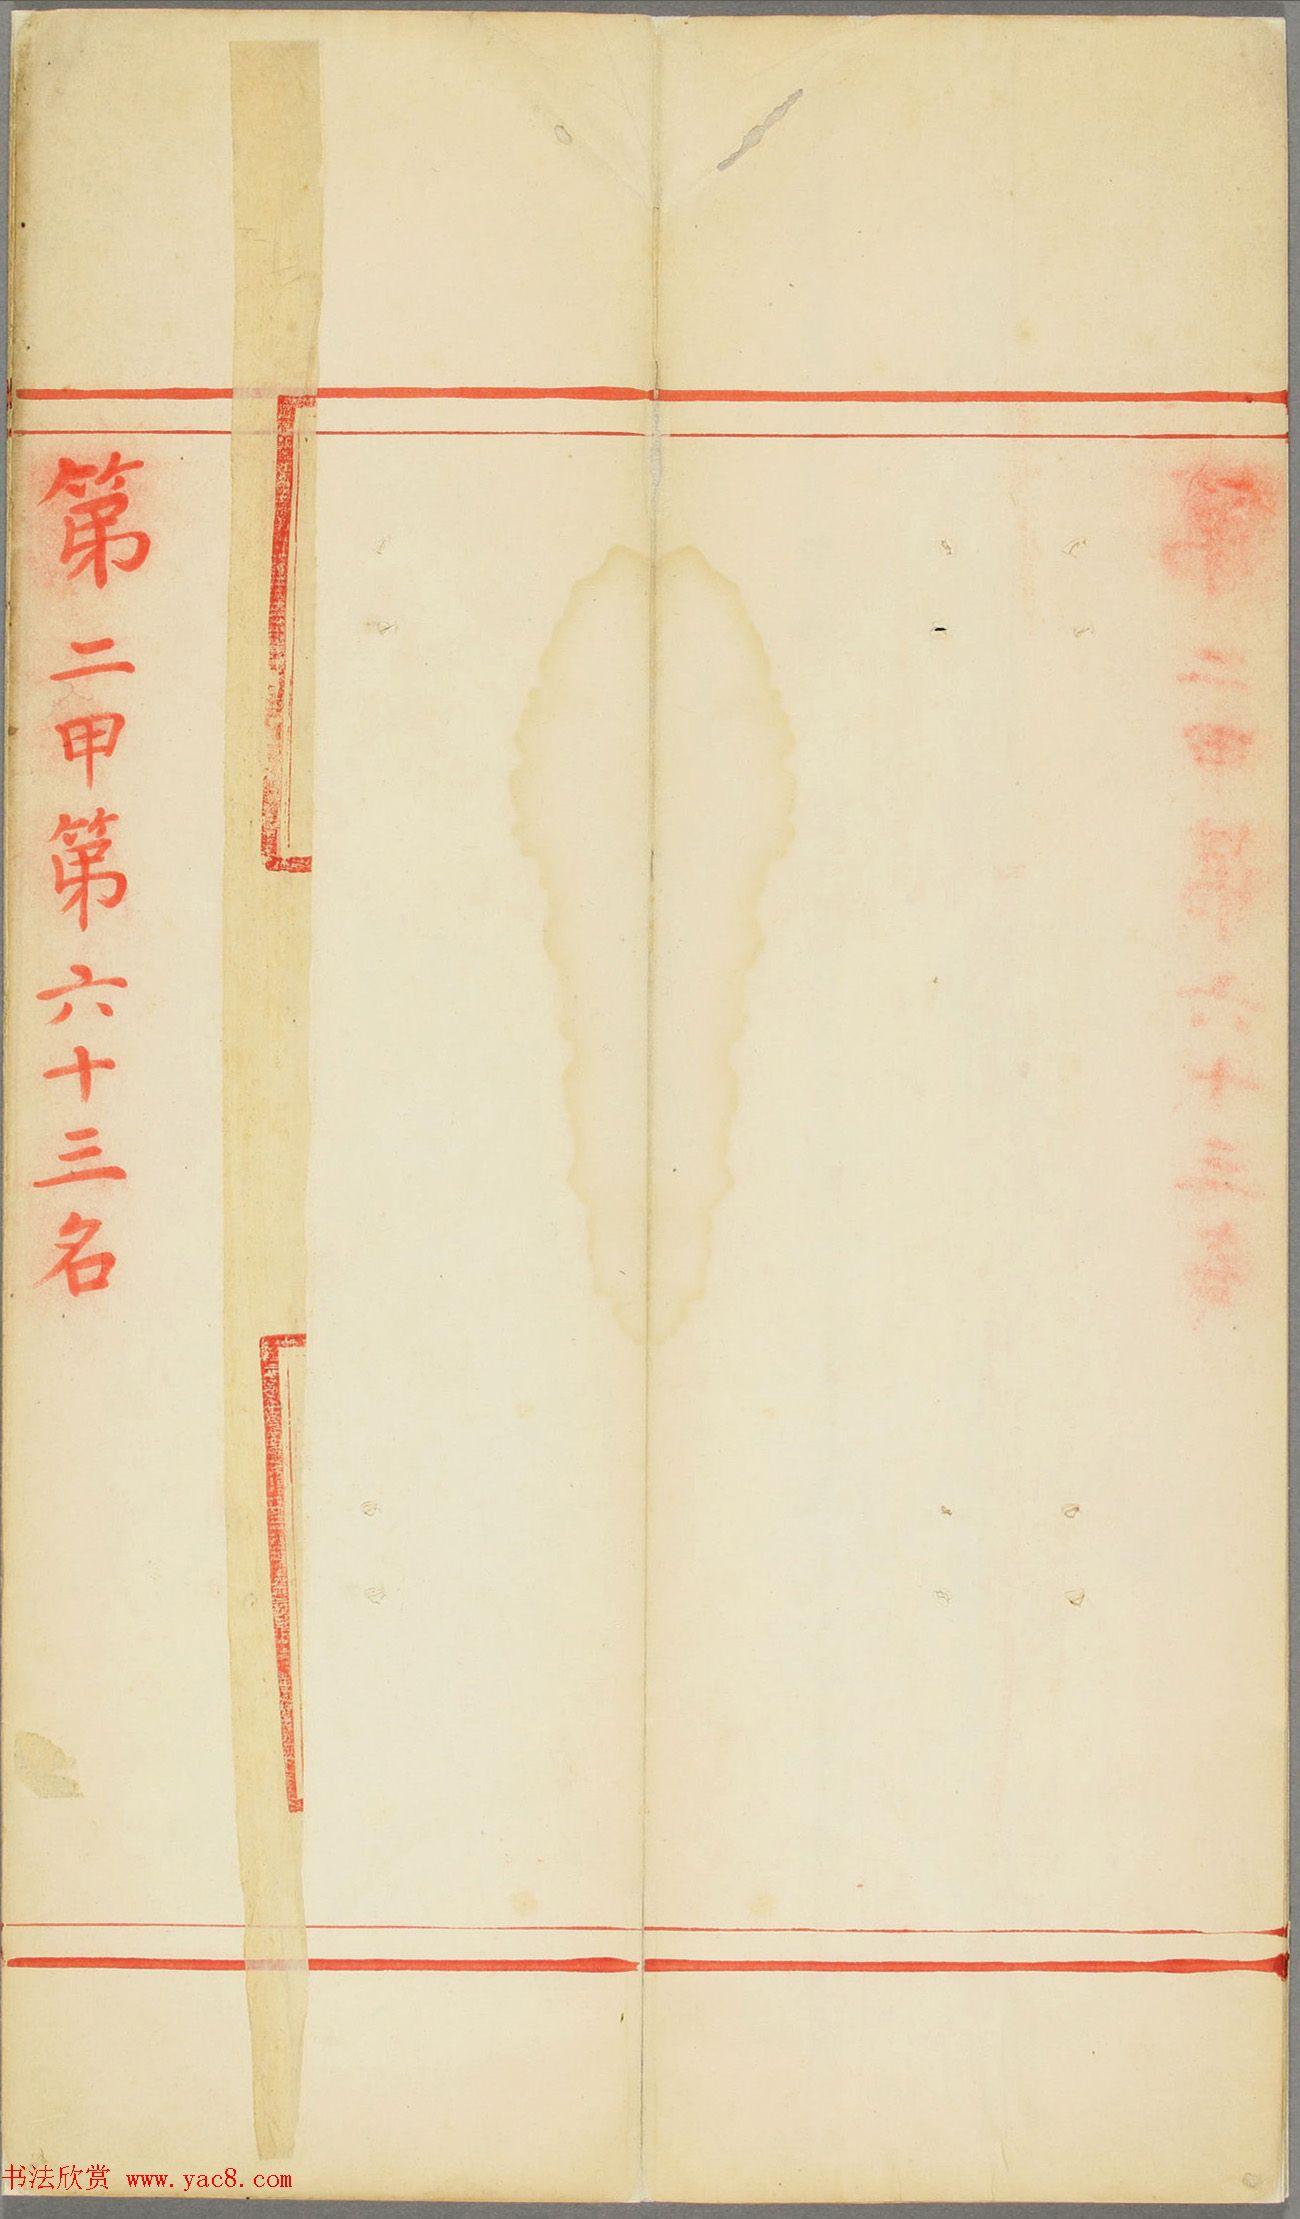 清代包涛小楷殿试卷(第二甲第六十三名)